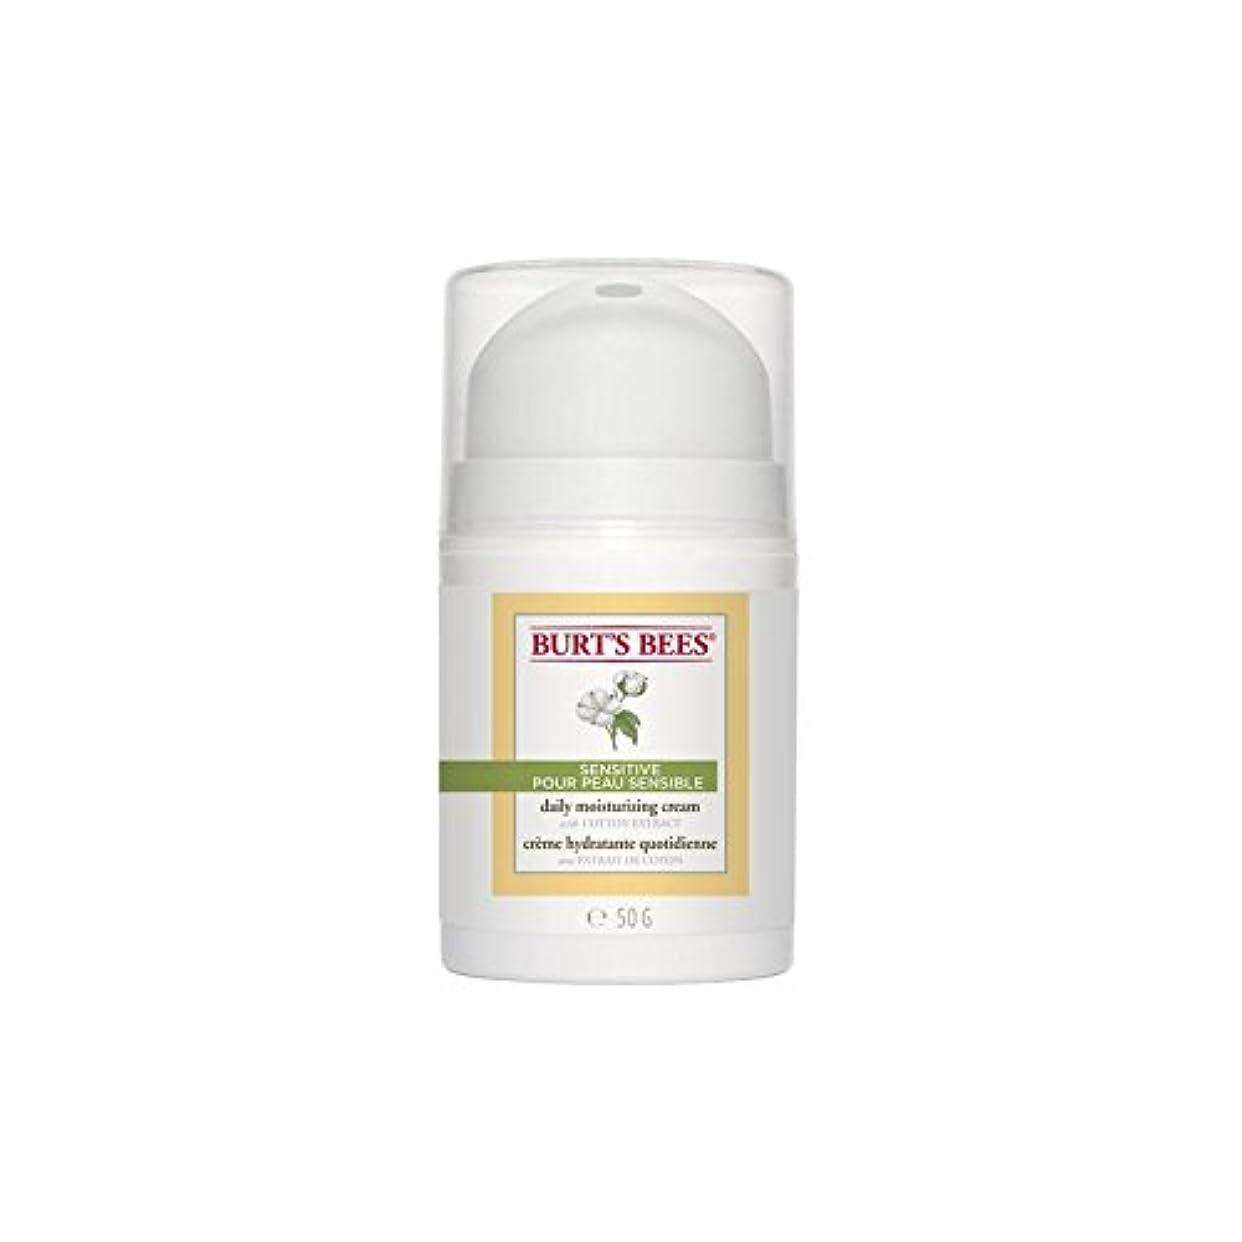 基本的なロッド狂うバーツビー敏感毎日保湿クリーム50グラム x2 - Burt's Bees Sensitive Daily Moisturising Cream 50G (Pack of 2) [並行輸入品]